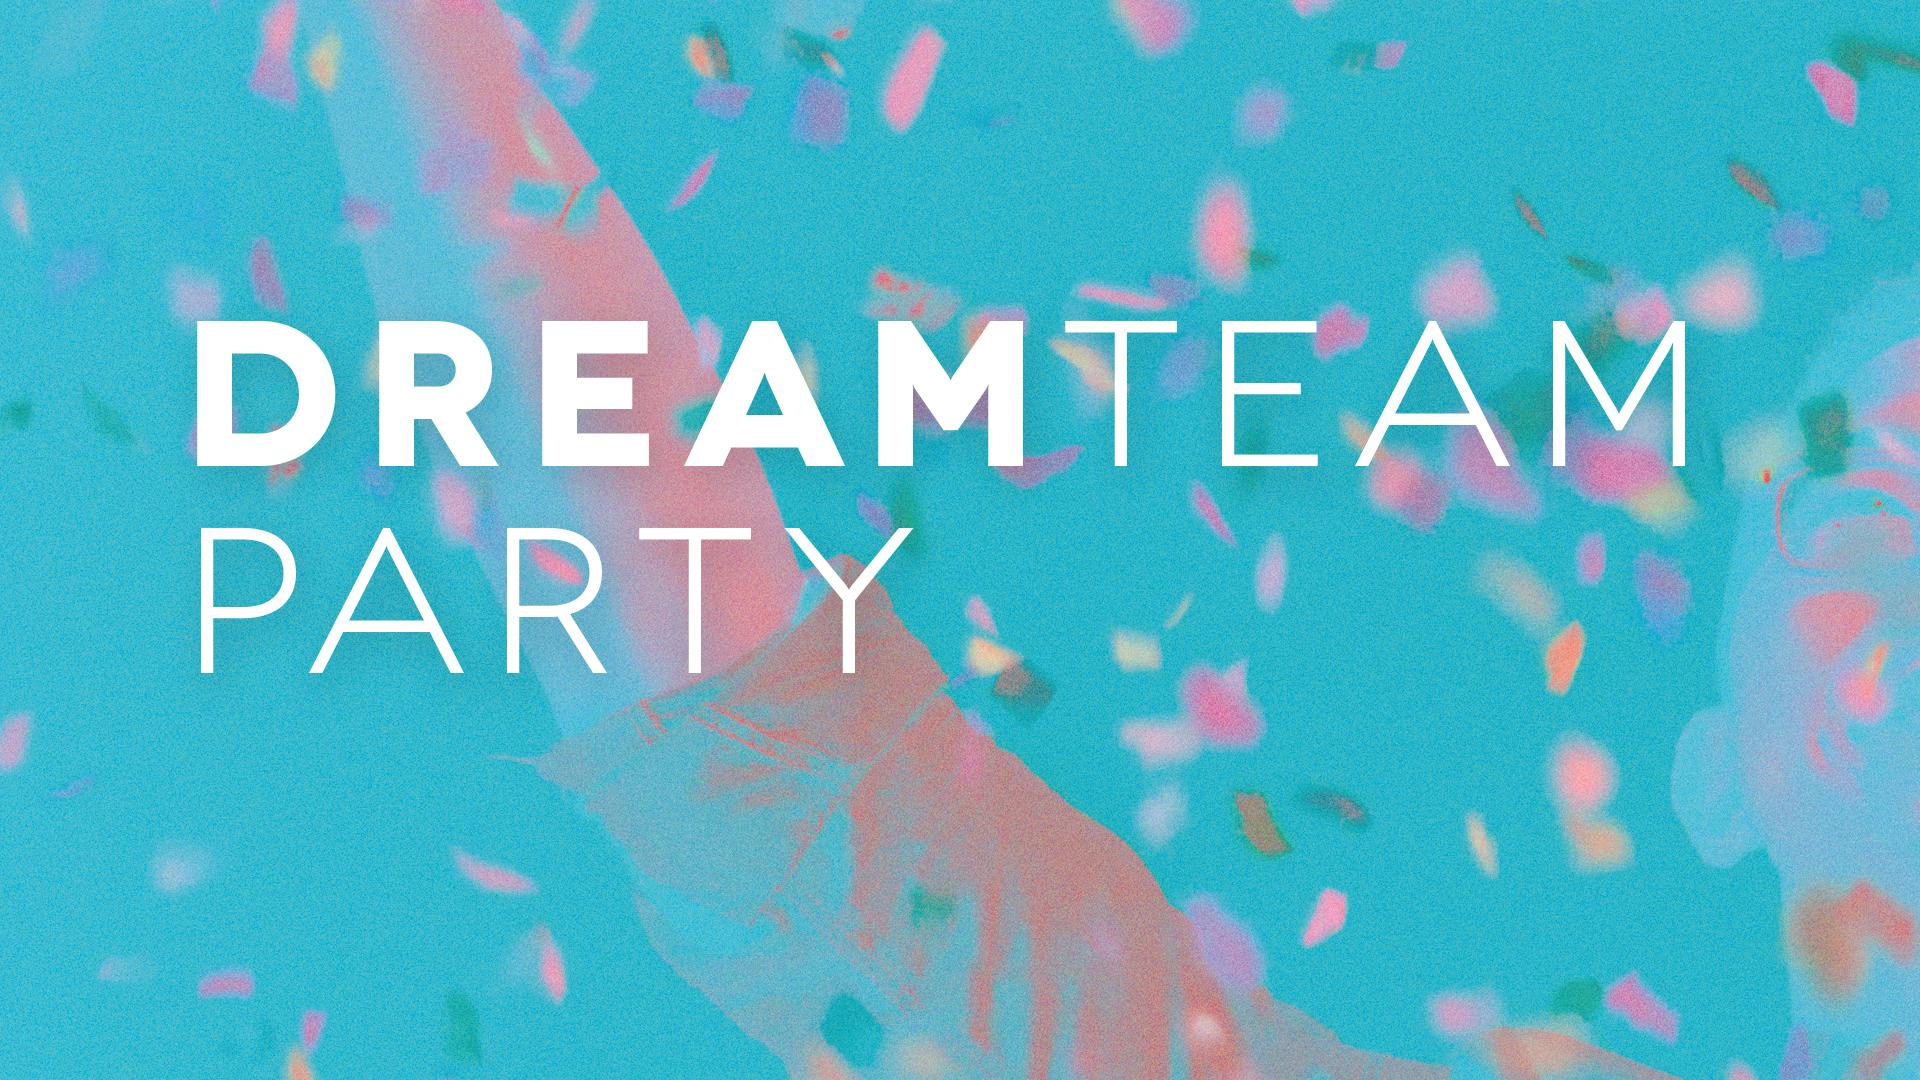 Dream Team Party_1920x1080.jpg